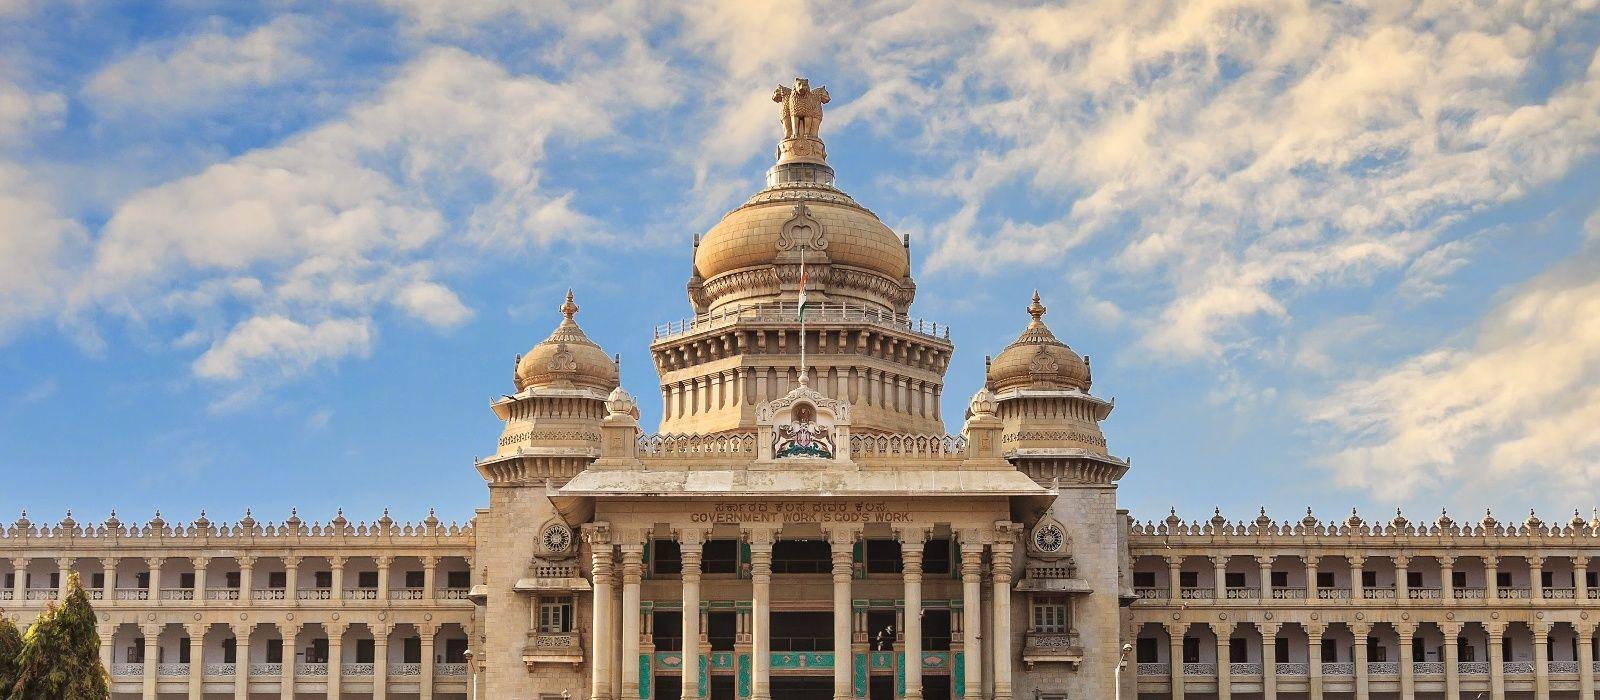 Luxuriöse Südindien Reise – Höhepunkte neu entdeckt Urlaub 4